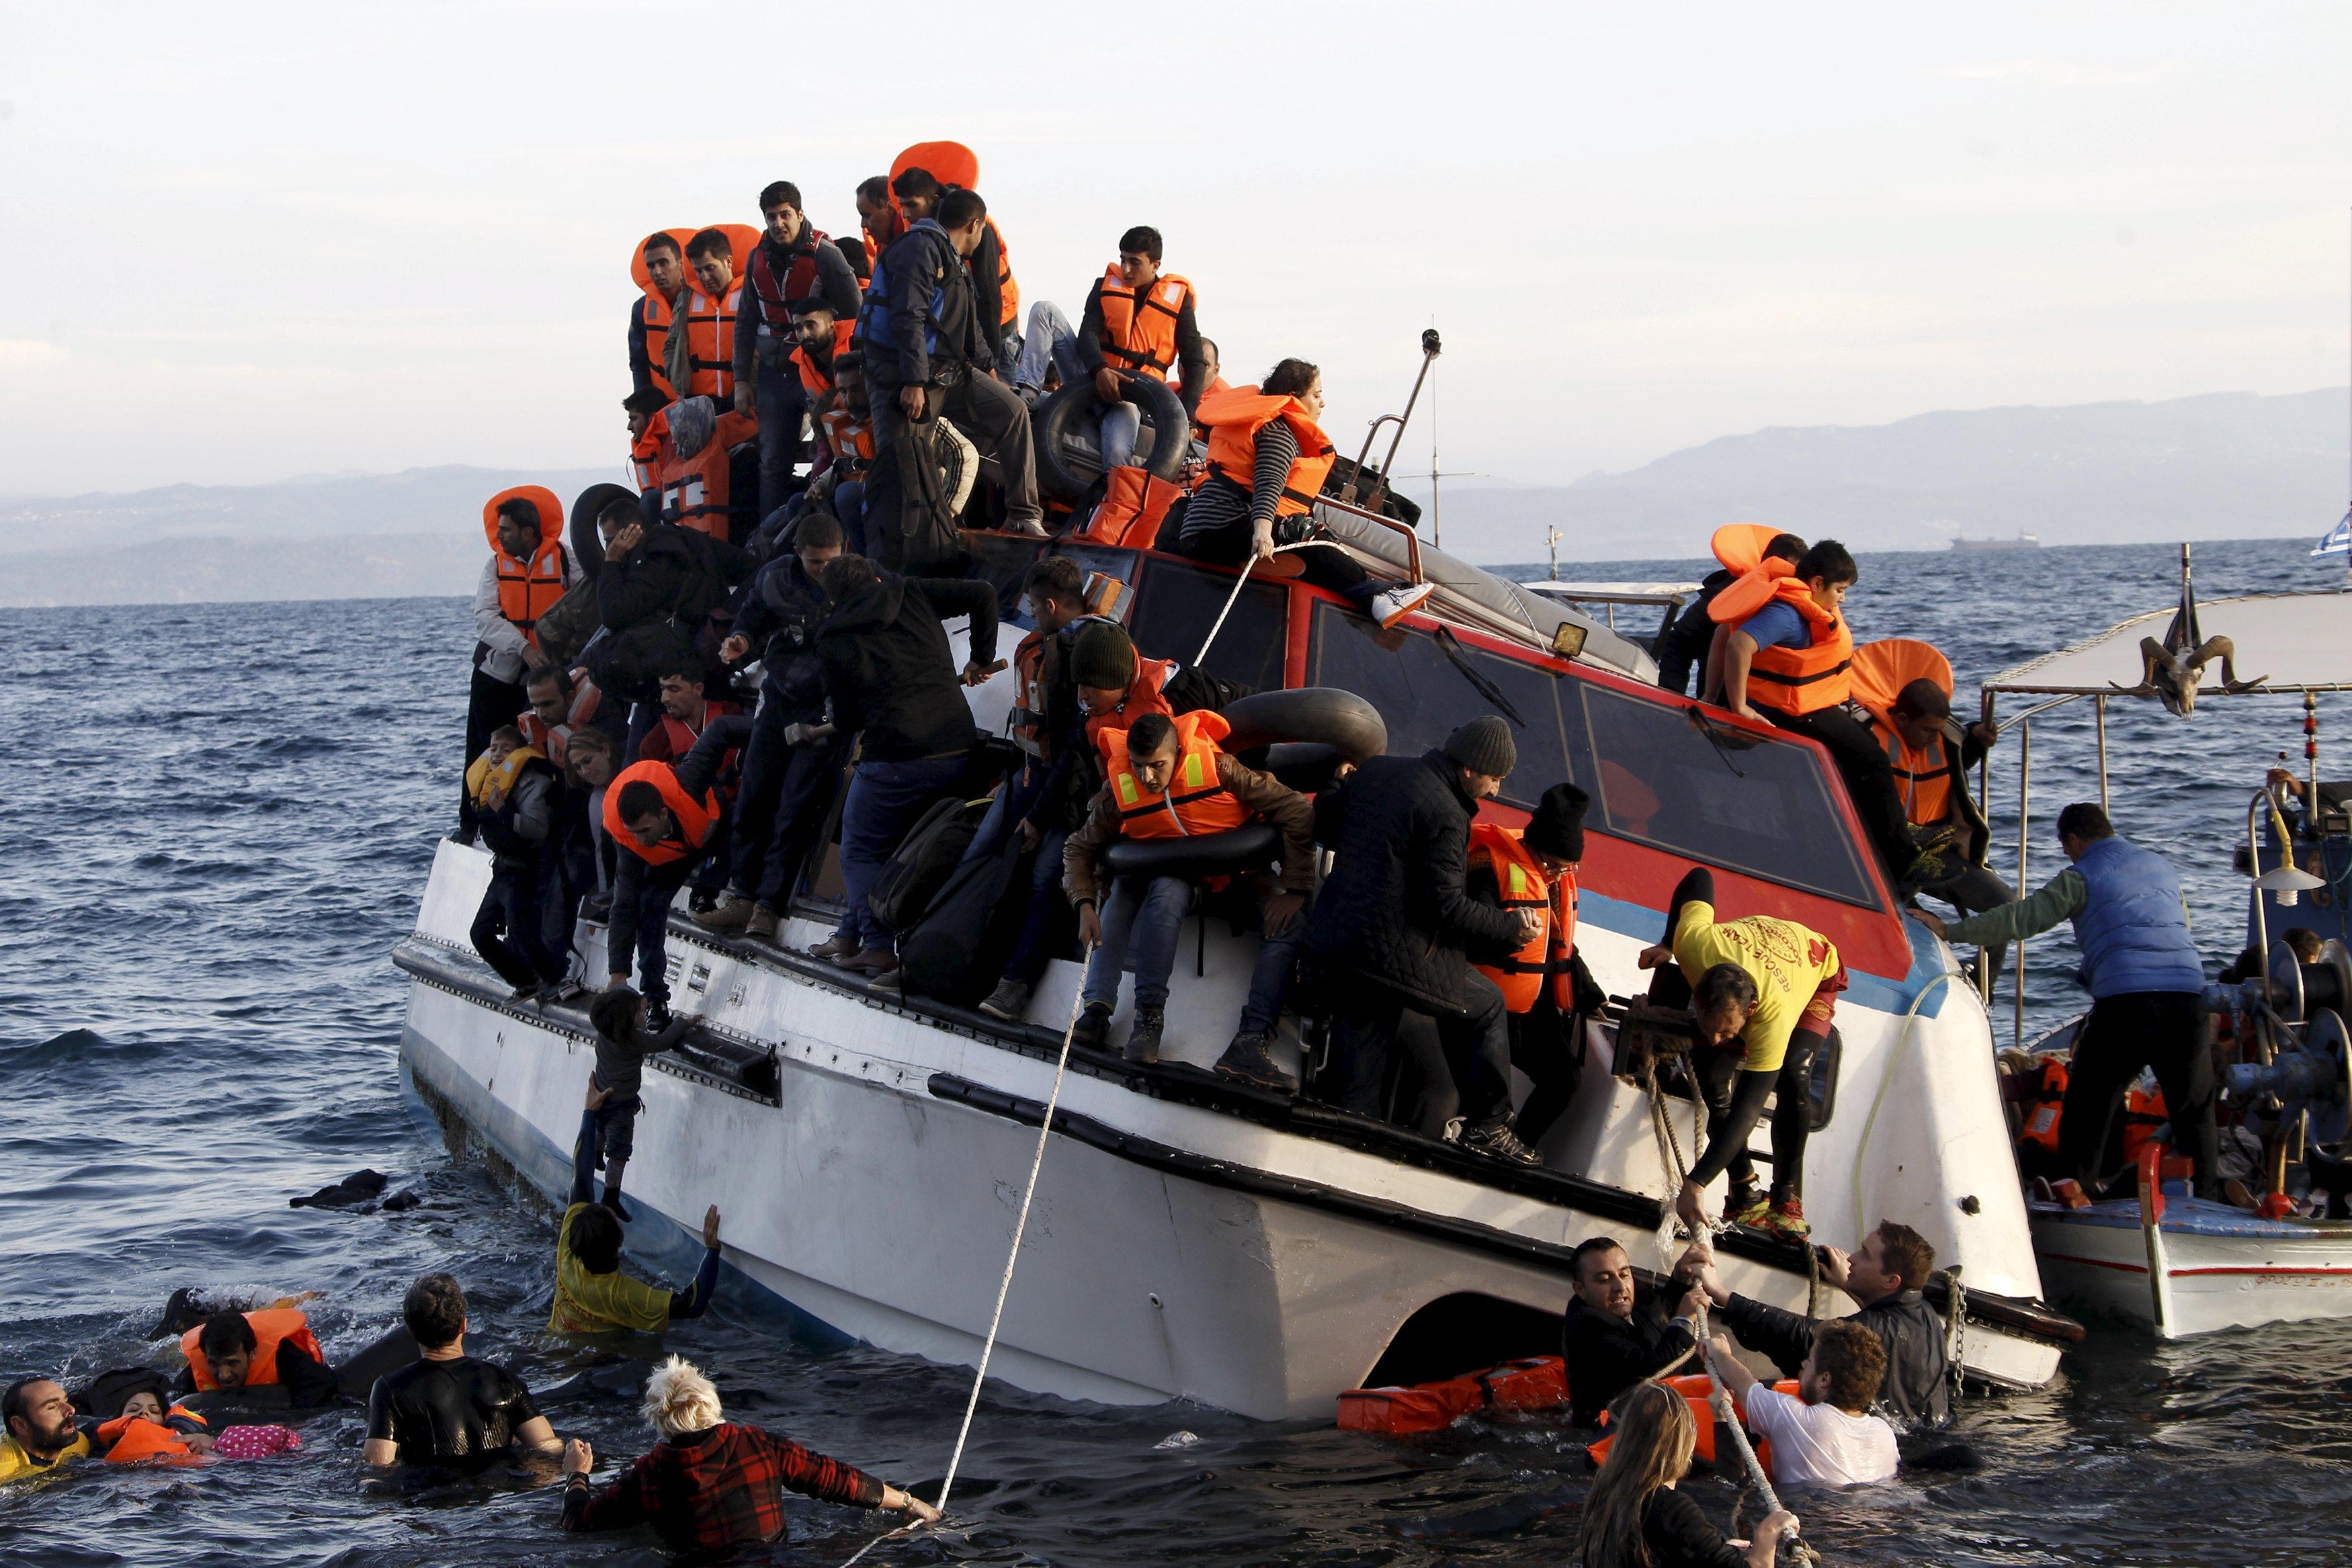 Pengungsi, yang kebanyakan dari Suriah, berjuang meninggalkan perahu berpenumpang sekitar 150 pengungsi saat tiba di Pulau Lesbos Yunani, setelah menyebrangi laut Aegean dari Turki, Jumat (30/10). Tidak ada pengungsi tewas yang menggunakan kapal tersebut, menurut saksi Reuters. Korban tewas tenggelam di laut yang terjadi belakangan ini karena cuaca di laut Aegean semakin memburuk, beralih dari koridor angin laut ke jalur yang mematikan bagi ribuan pengungsi yang menyebrang dari Turki ke Yunani. REUTERS/Giorgos Moutafis.